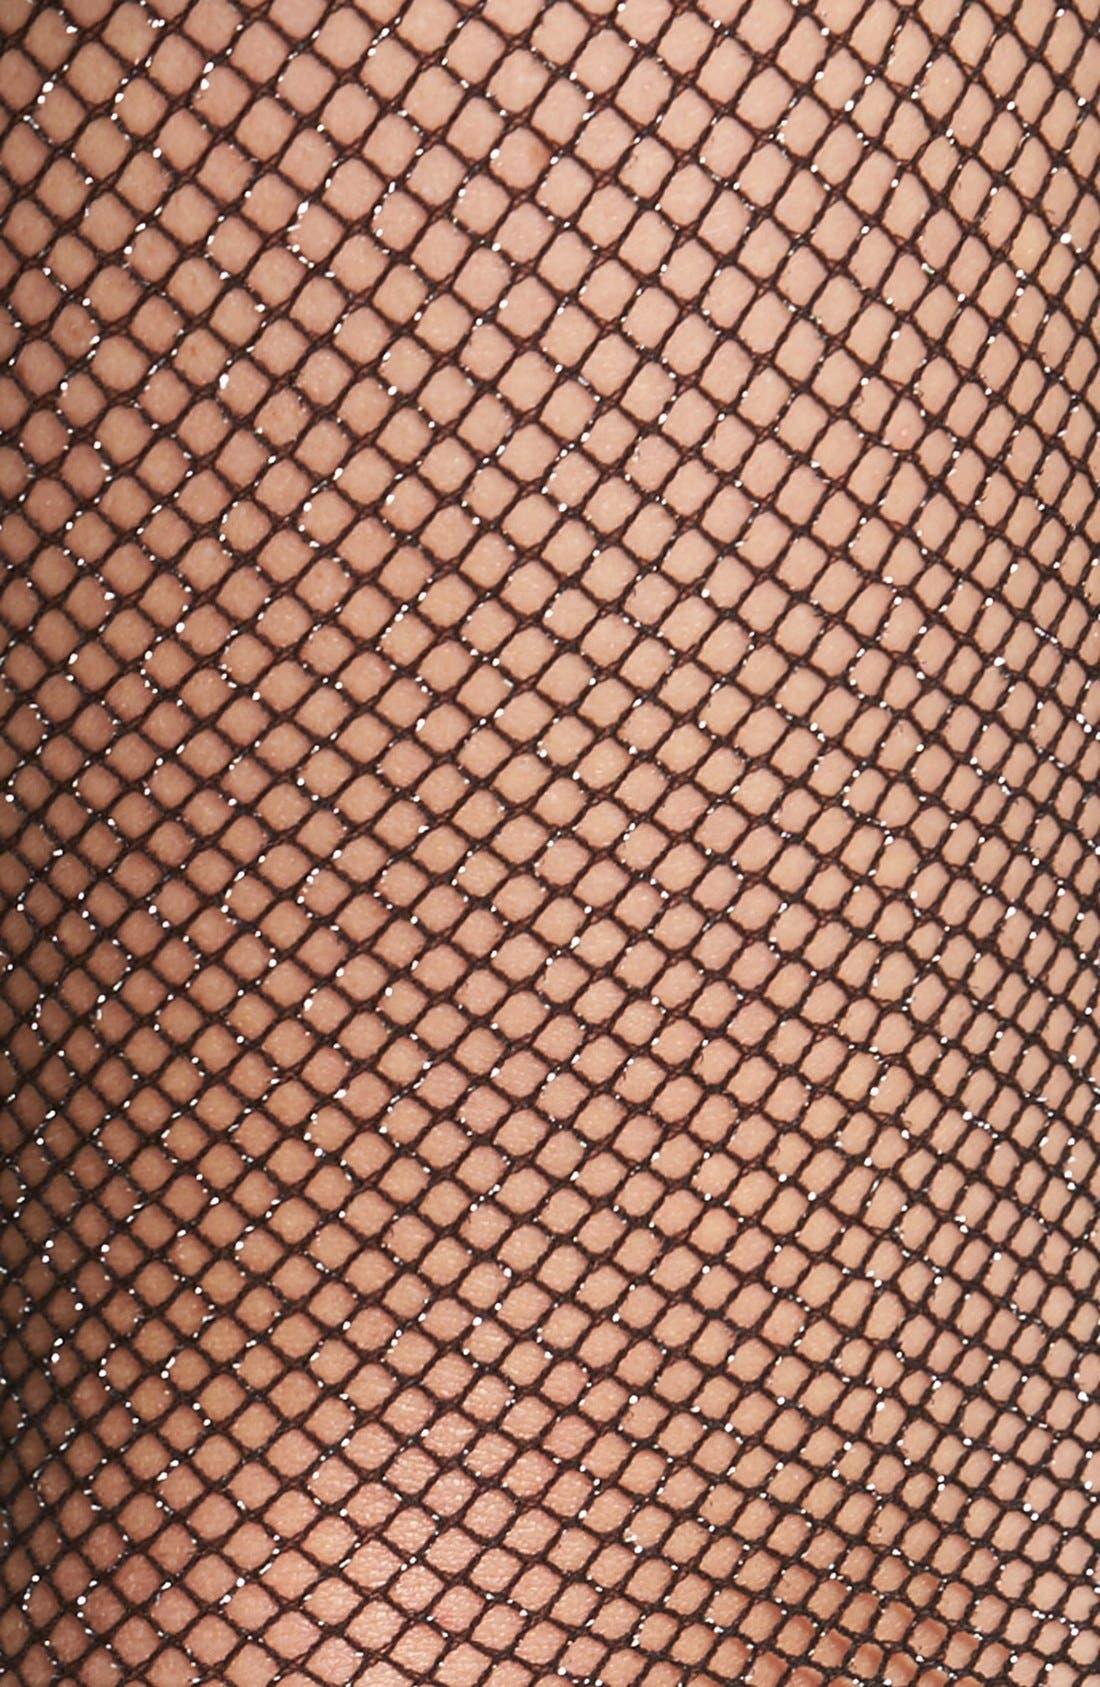 Alternate Image 2  - kate spade new york 'sparkle' fishnet stockings